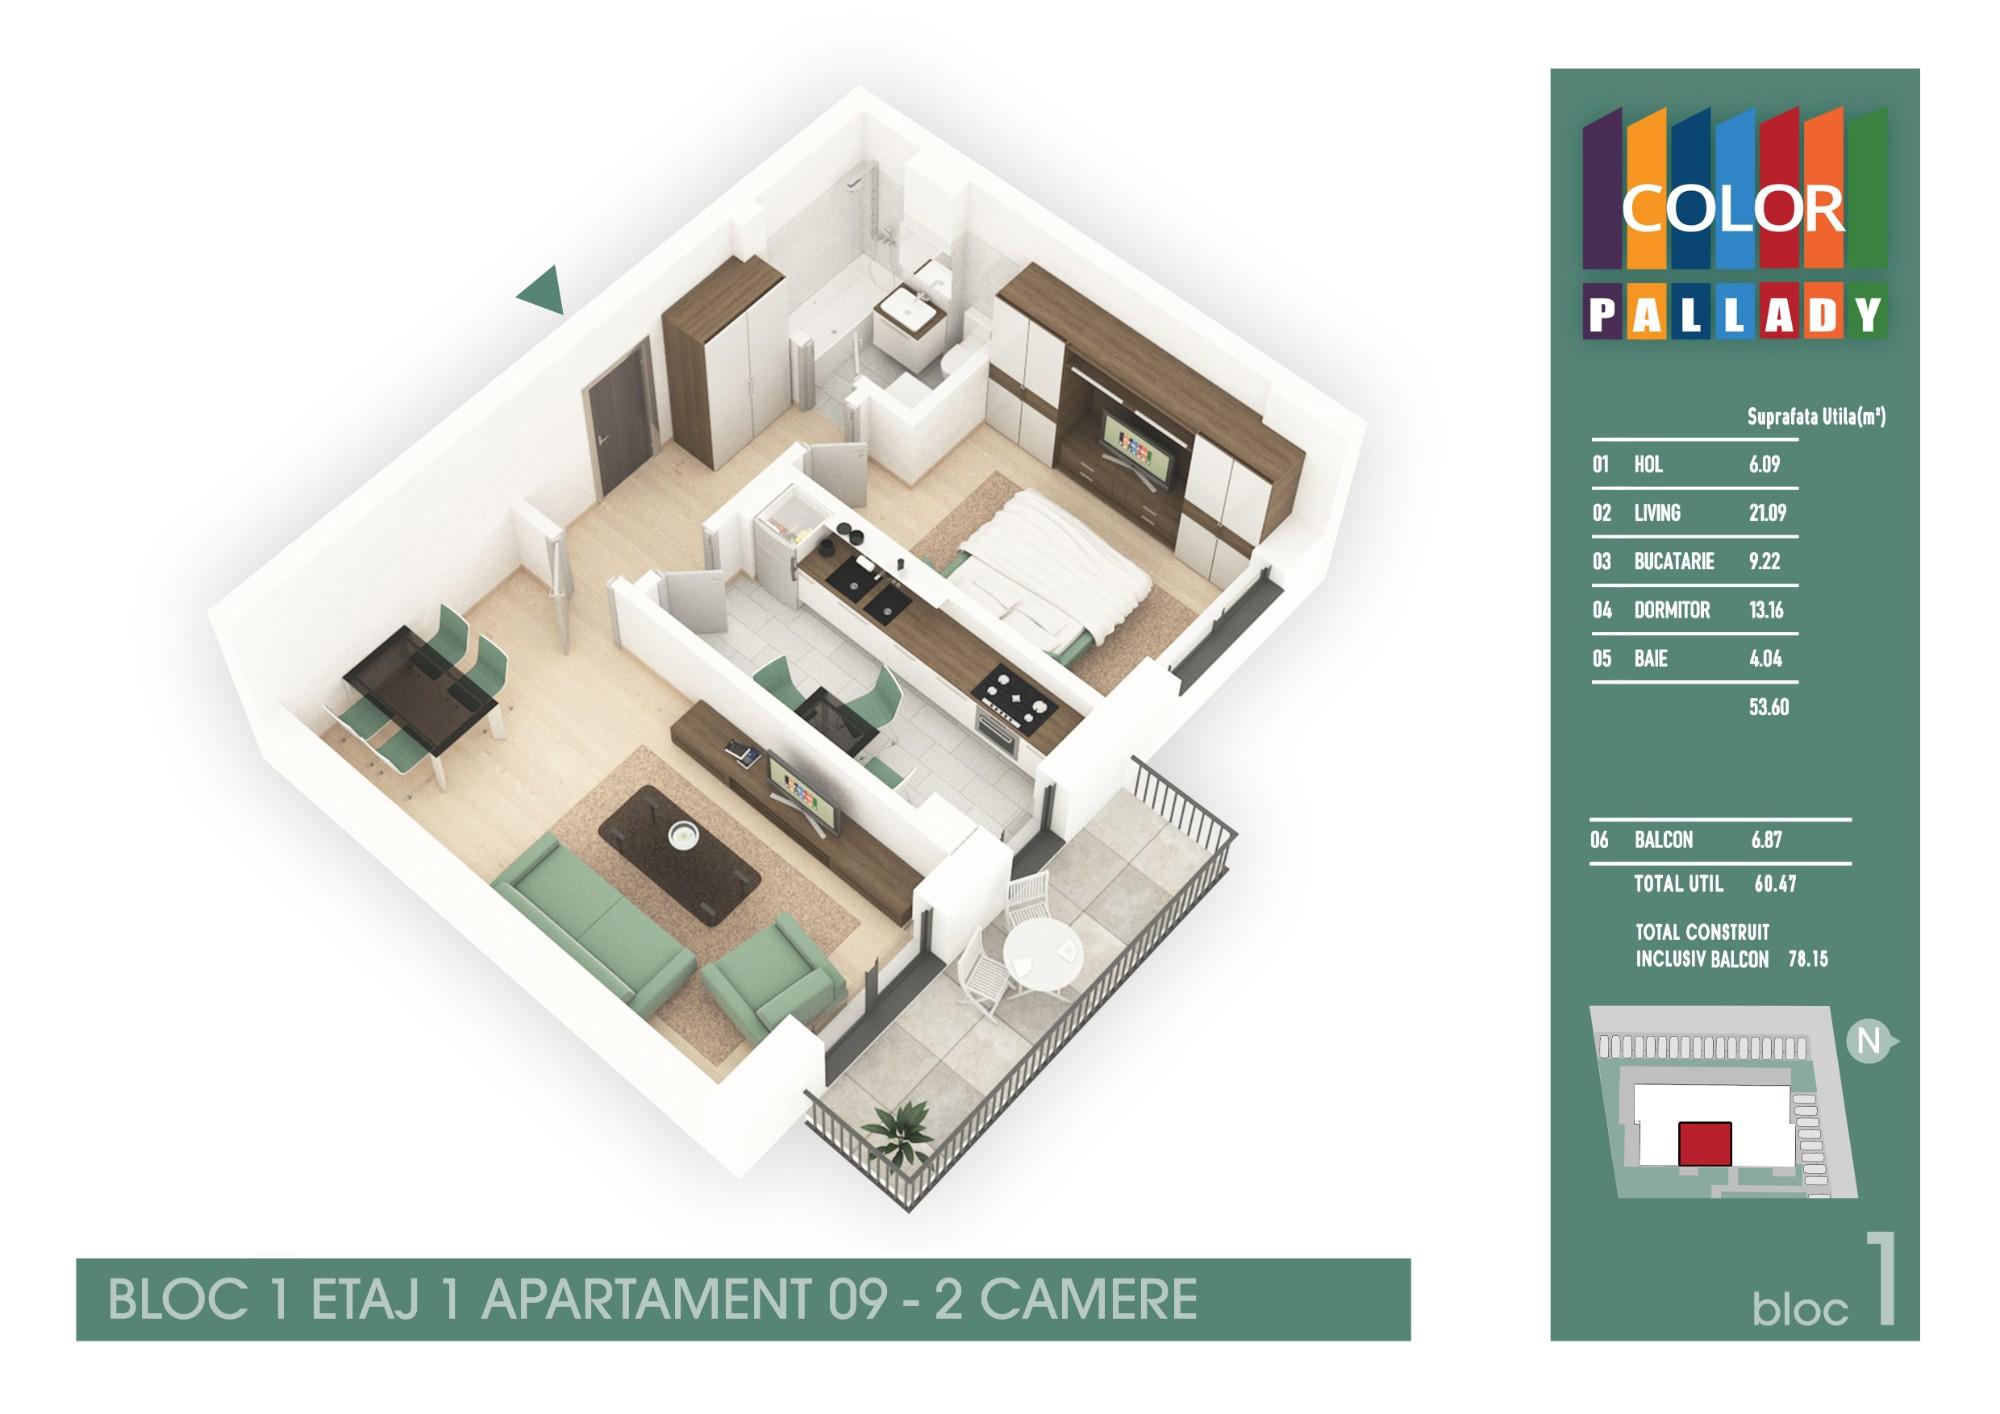 Bloc 1 - Etaj 1 - Apartament 09